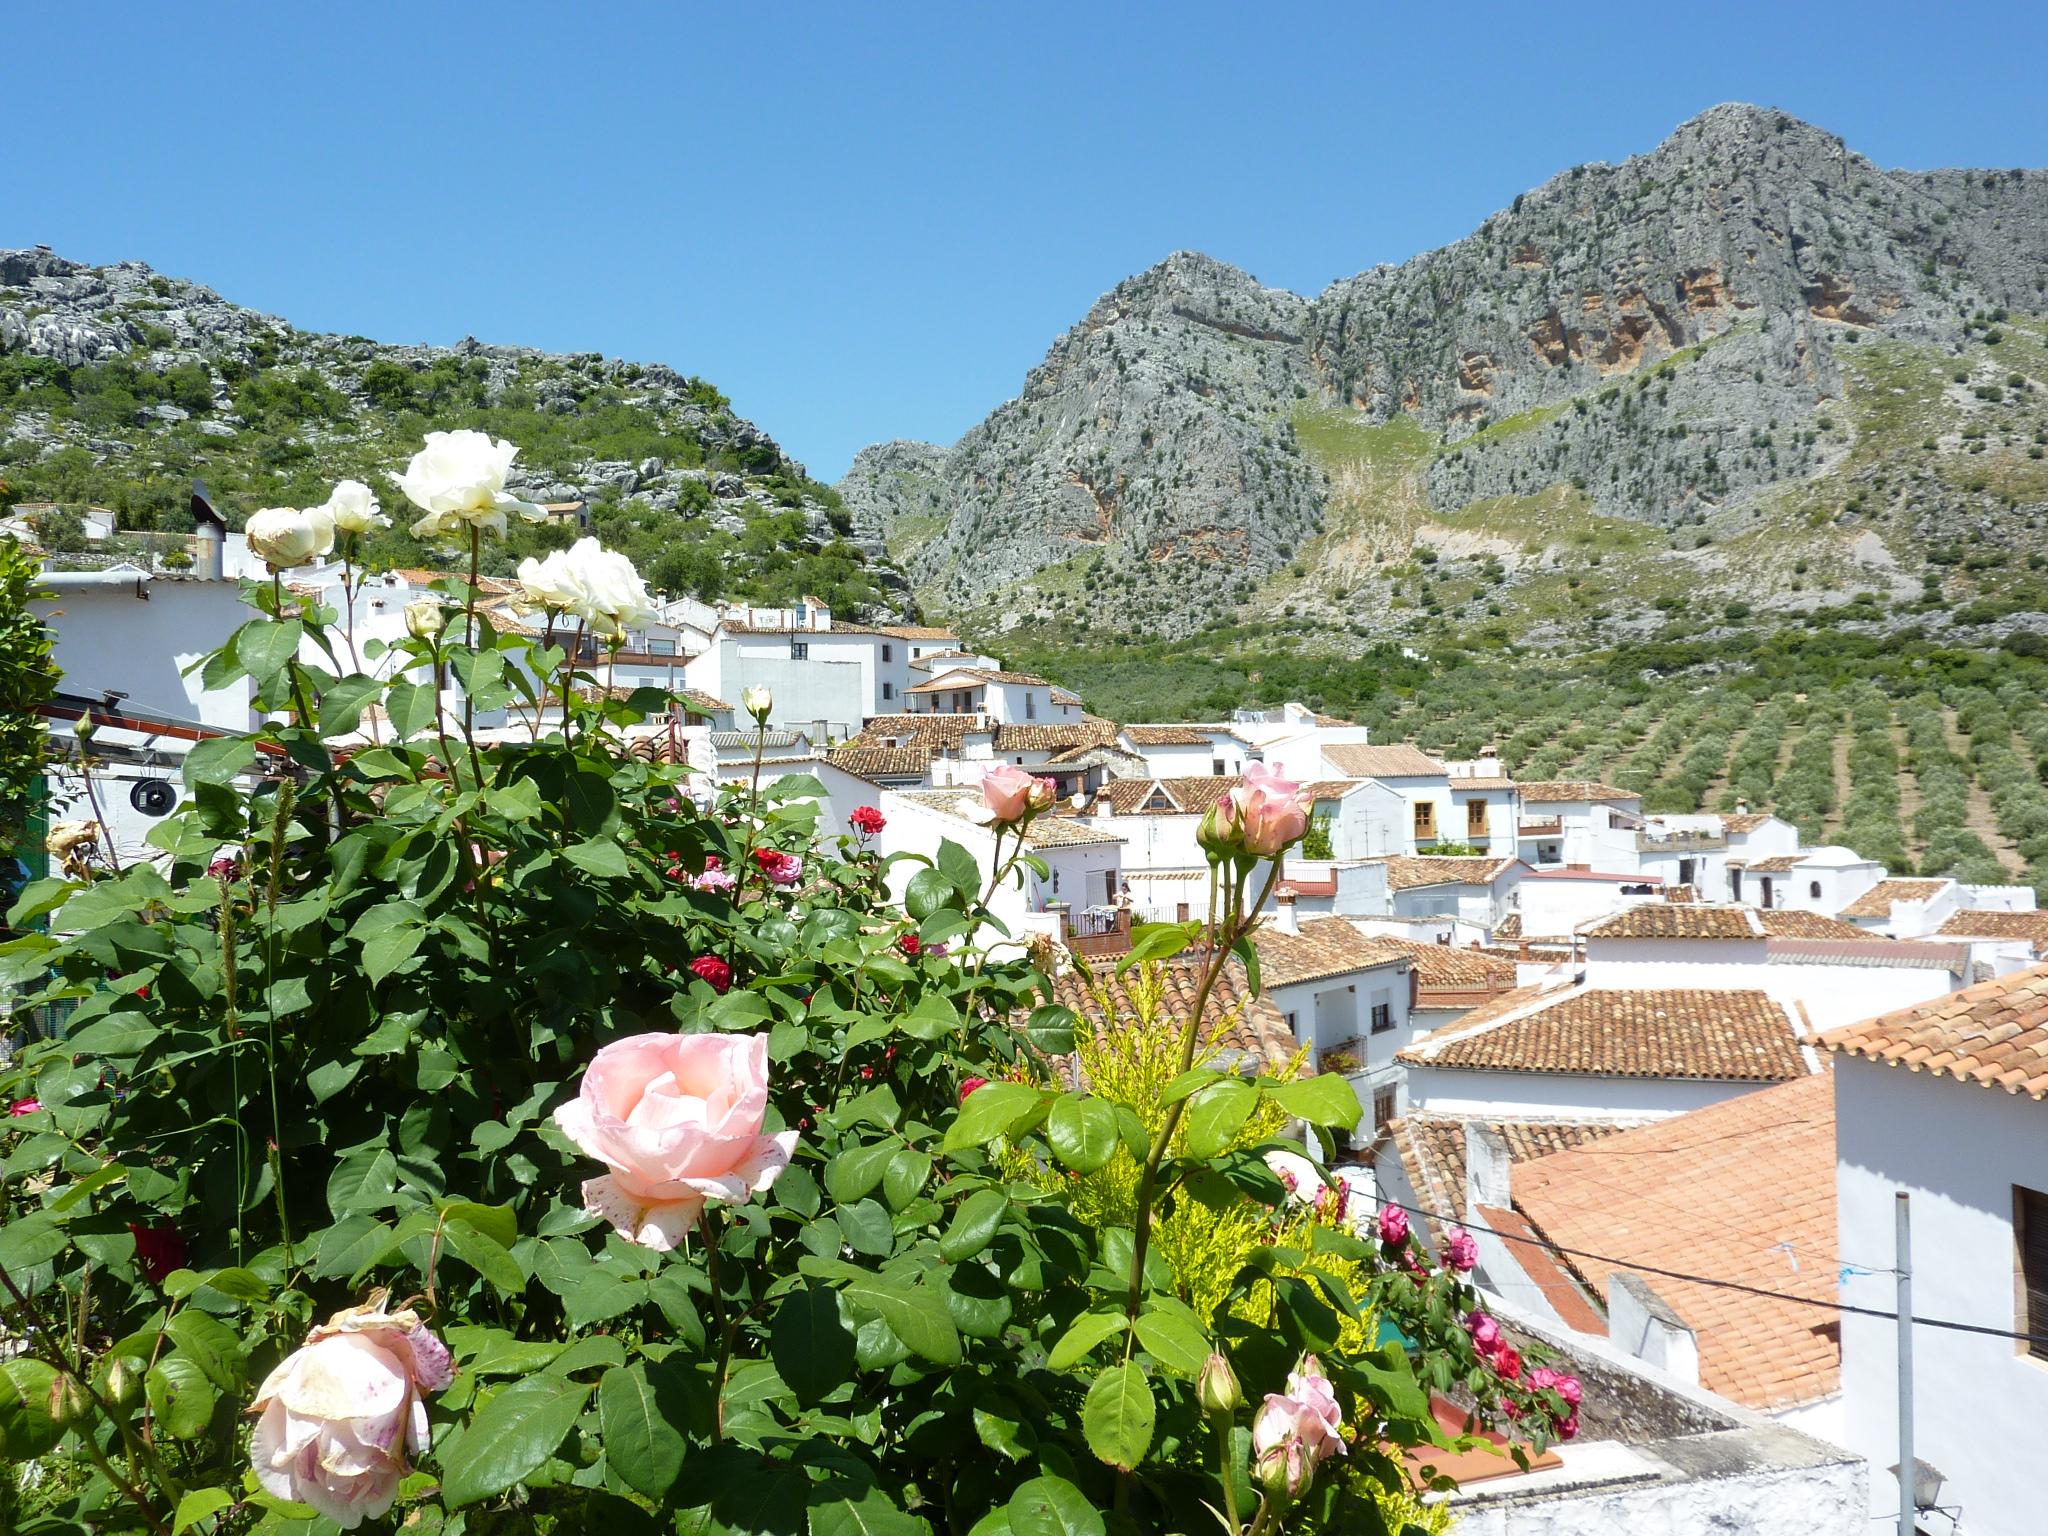 Många söta byar har fångats av min kameralins genom åren. Här Grazalema i södra Spanien.